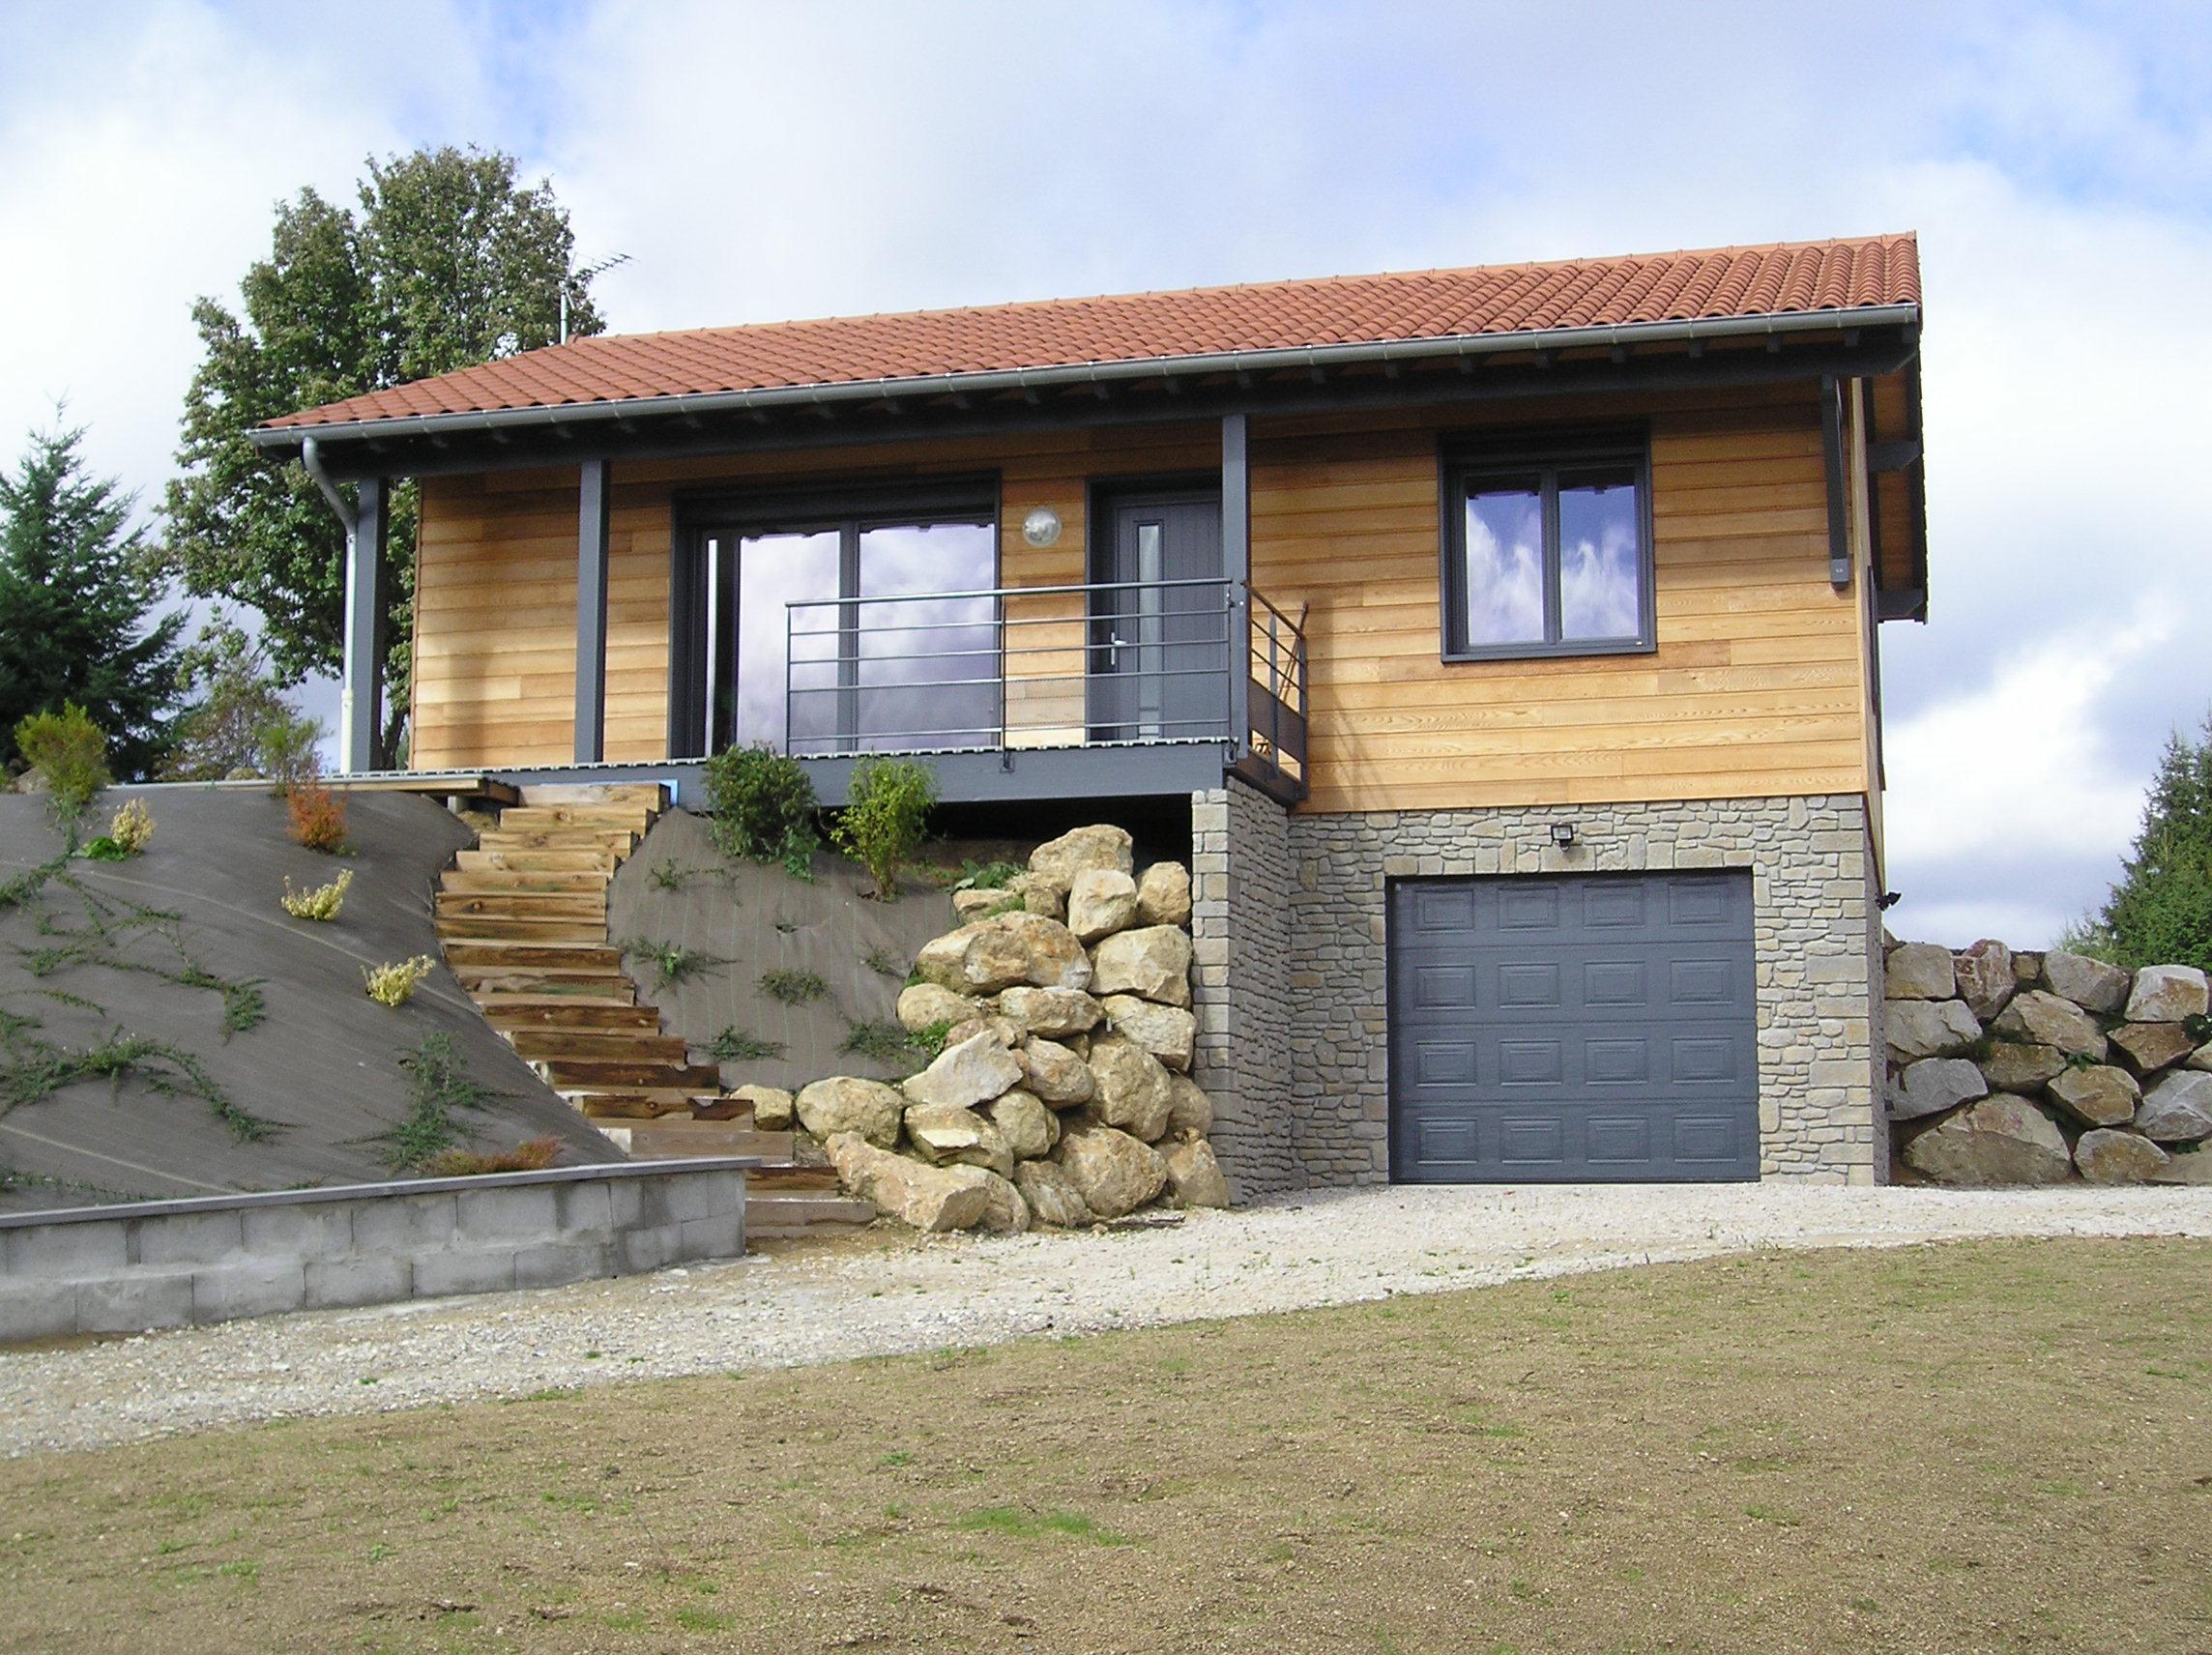 Maison ossature bois 42 loire estivareilles8 for Maison container loire 42